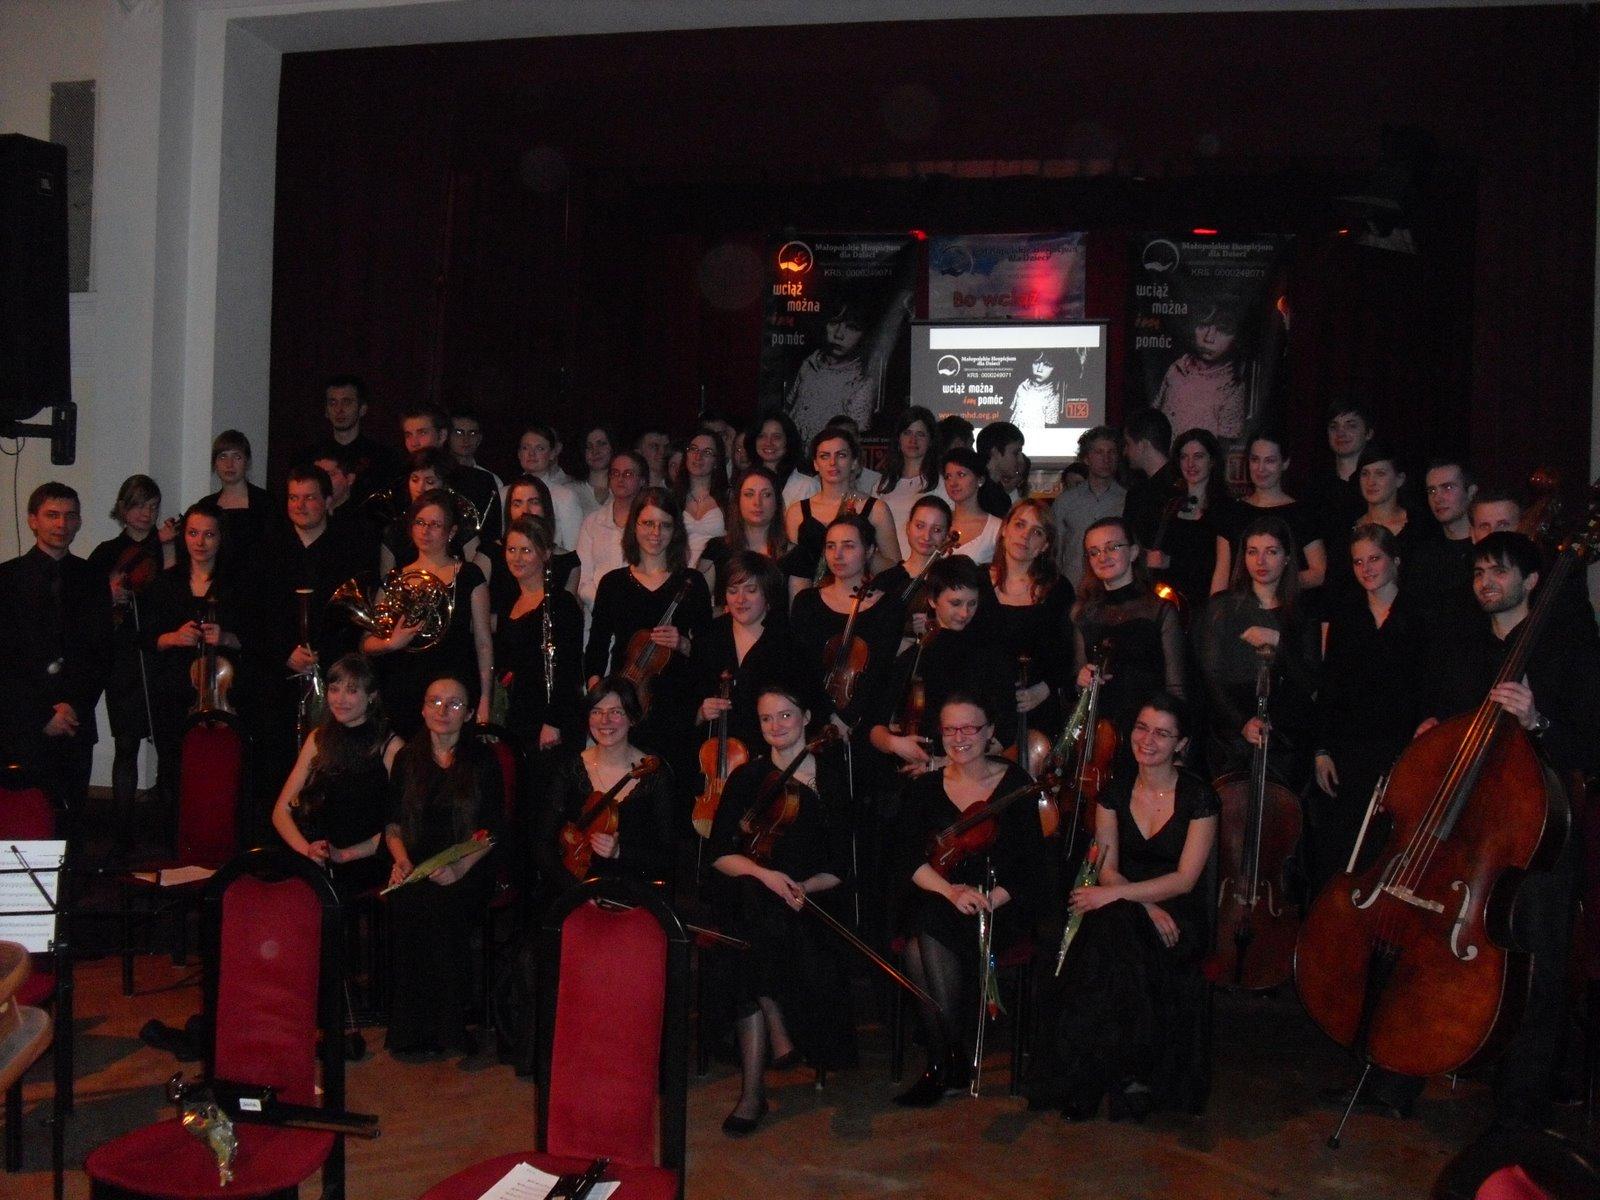 Wielki koncert muzyki Przyjaciela naszego Hospicjum - Huberta Kowalskiego.